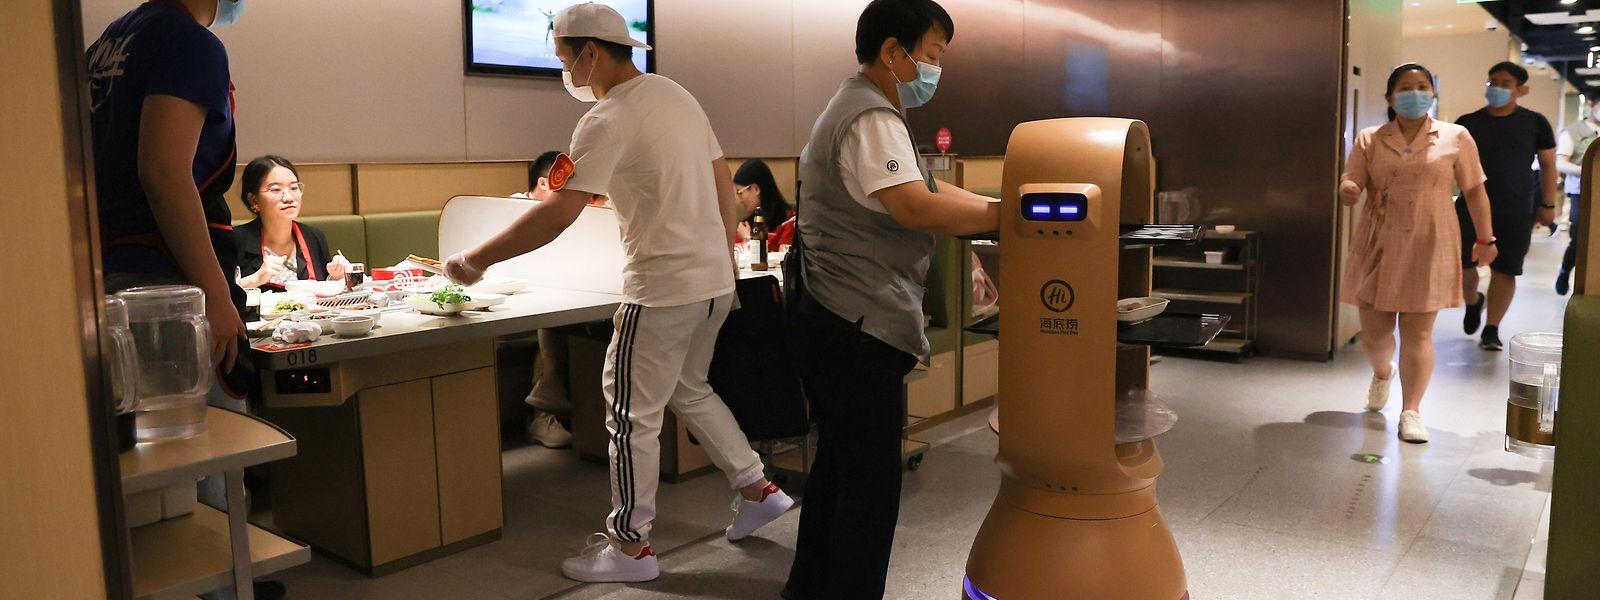 Kleine Roboter helfen bei der Essensausgabe und der Geschirrrücknahme.